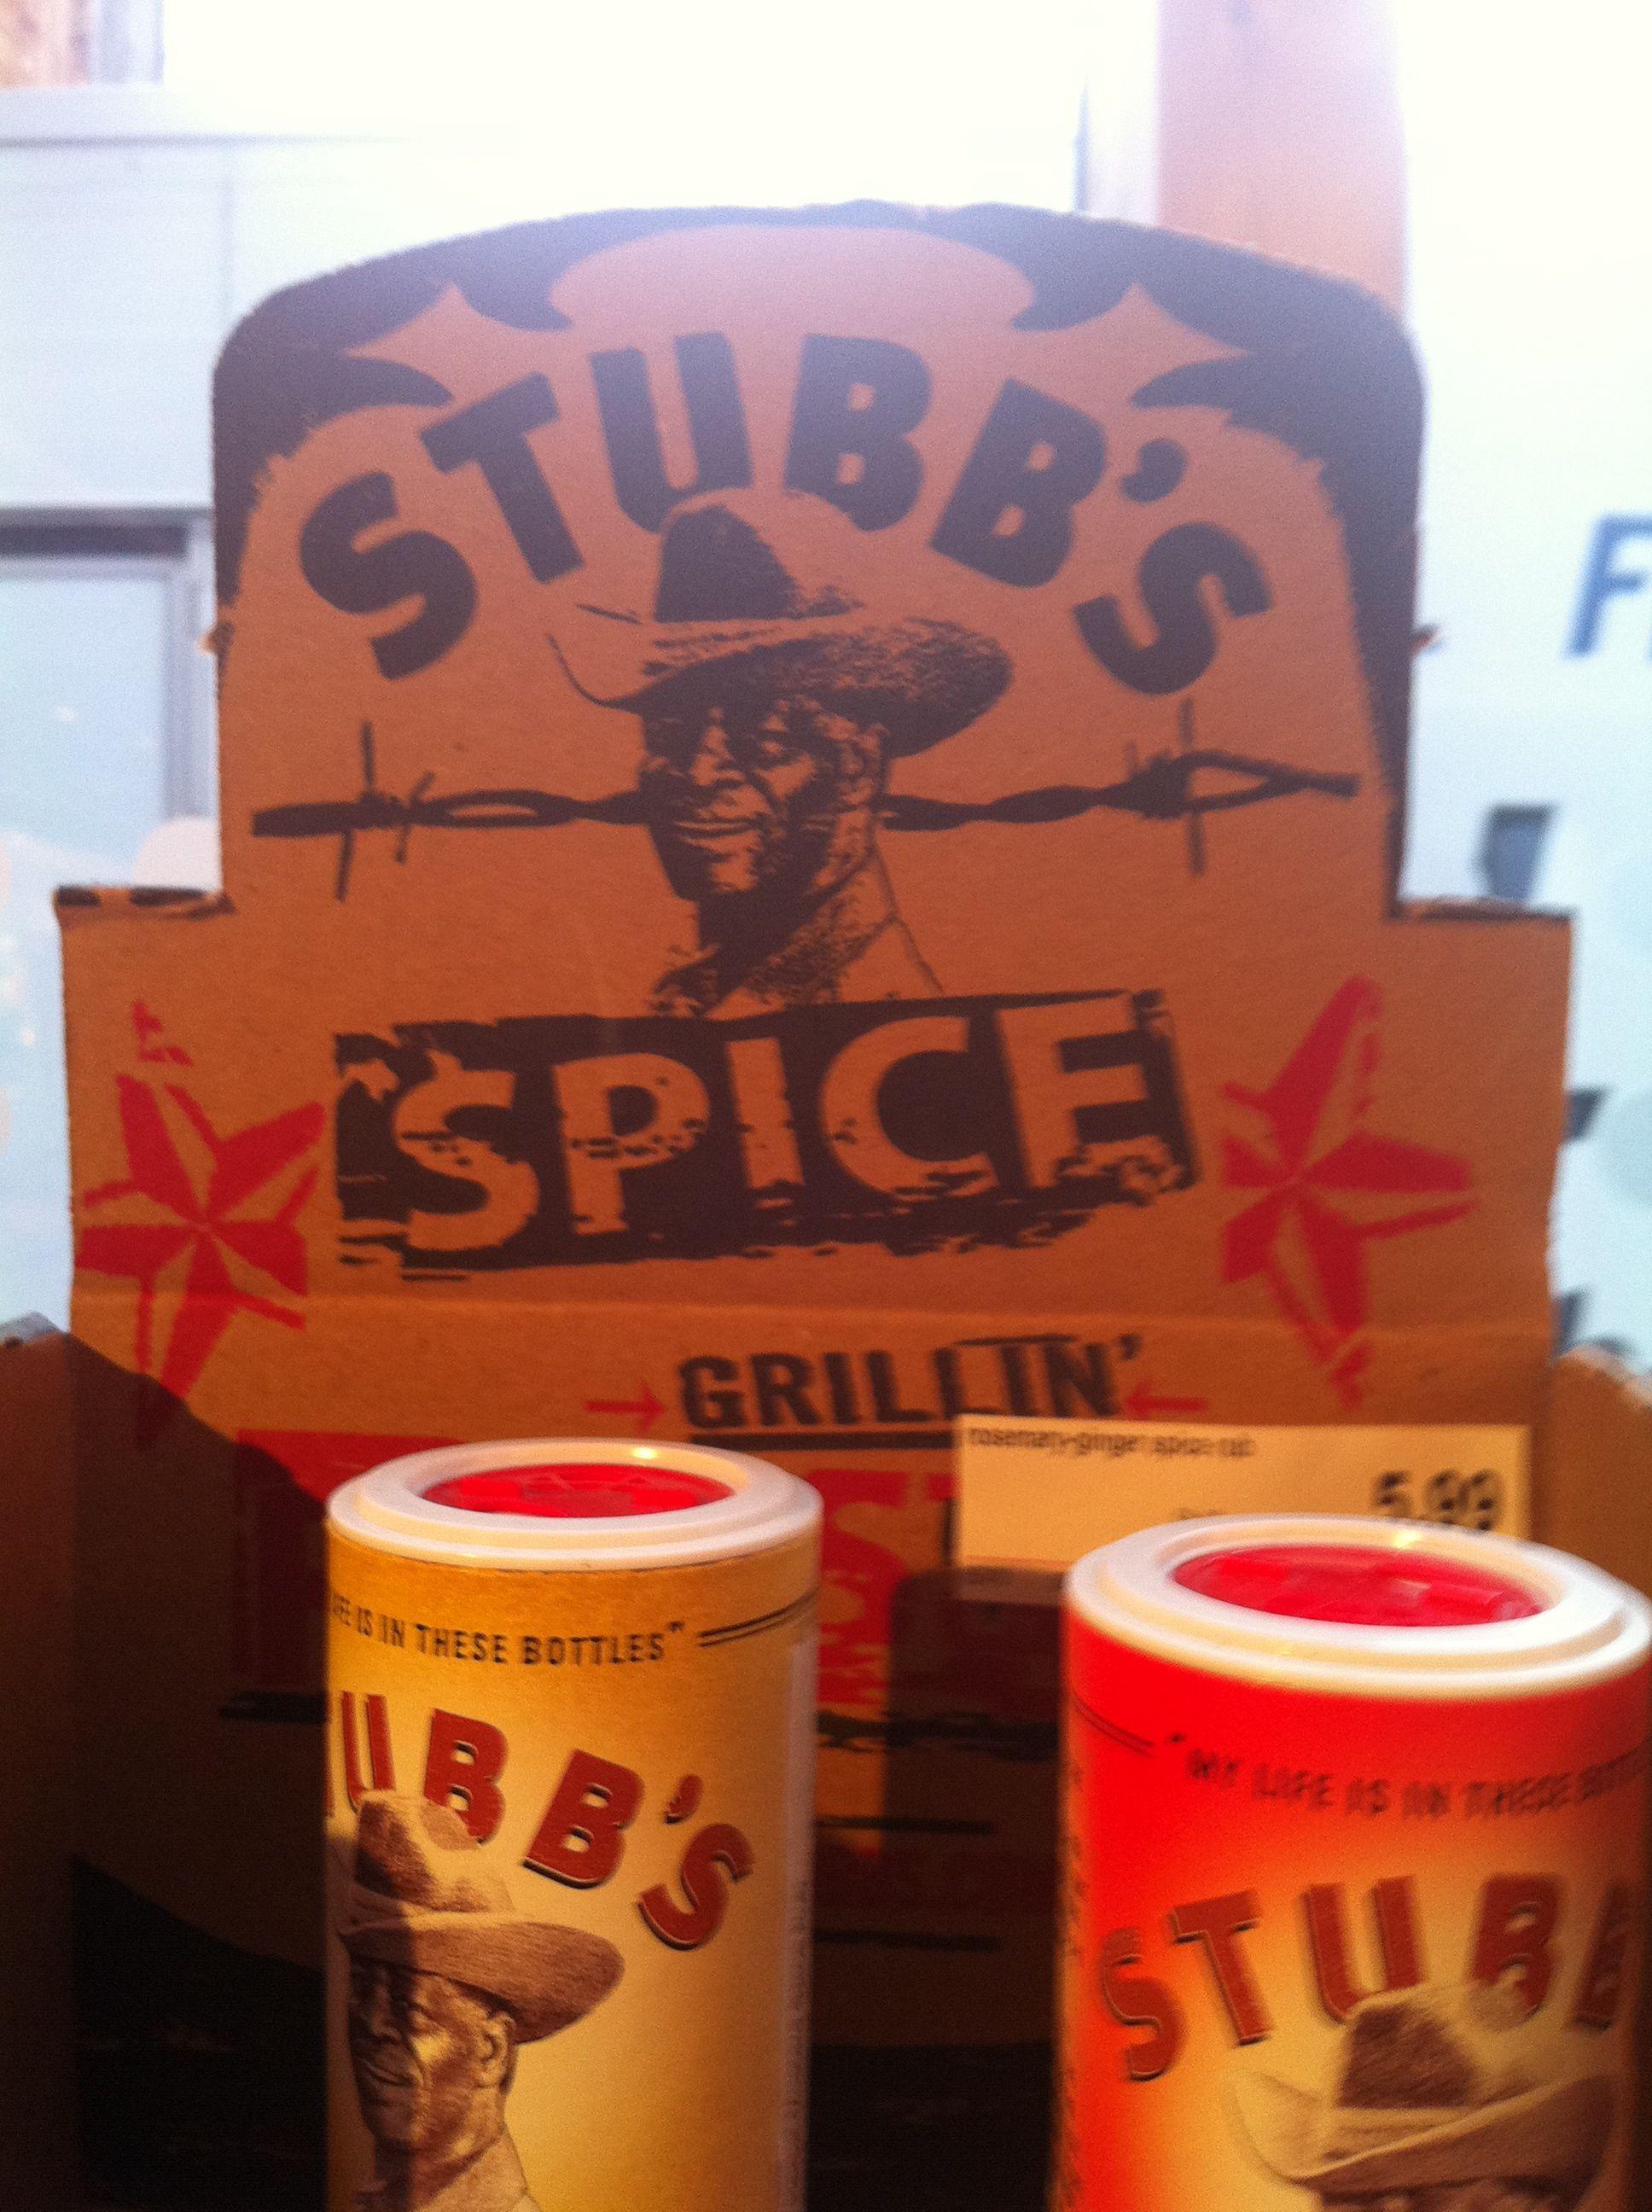 Stubb's BBQ spices! Benieuwd of Stubb's echt bestaat. Verhaal is wel heel erg goed!